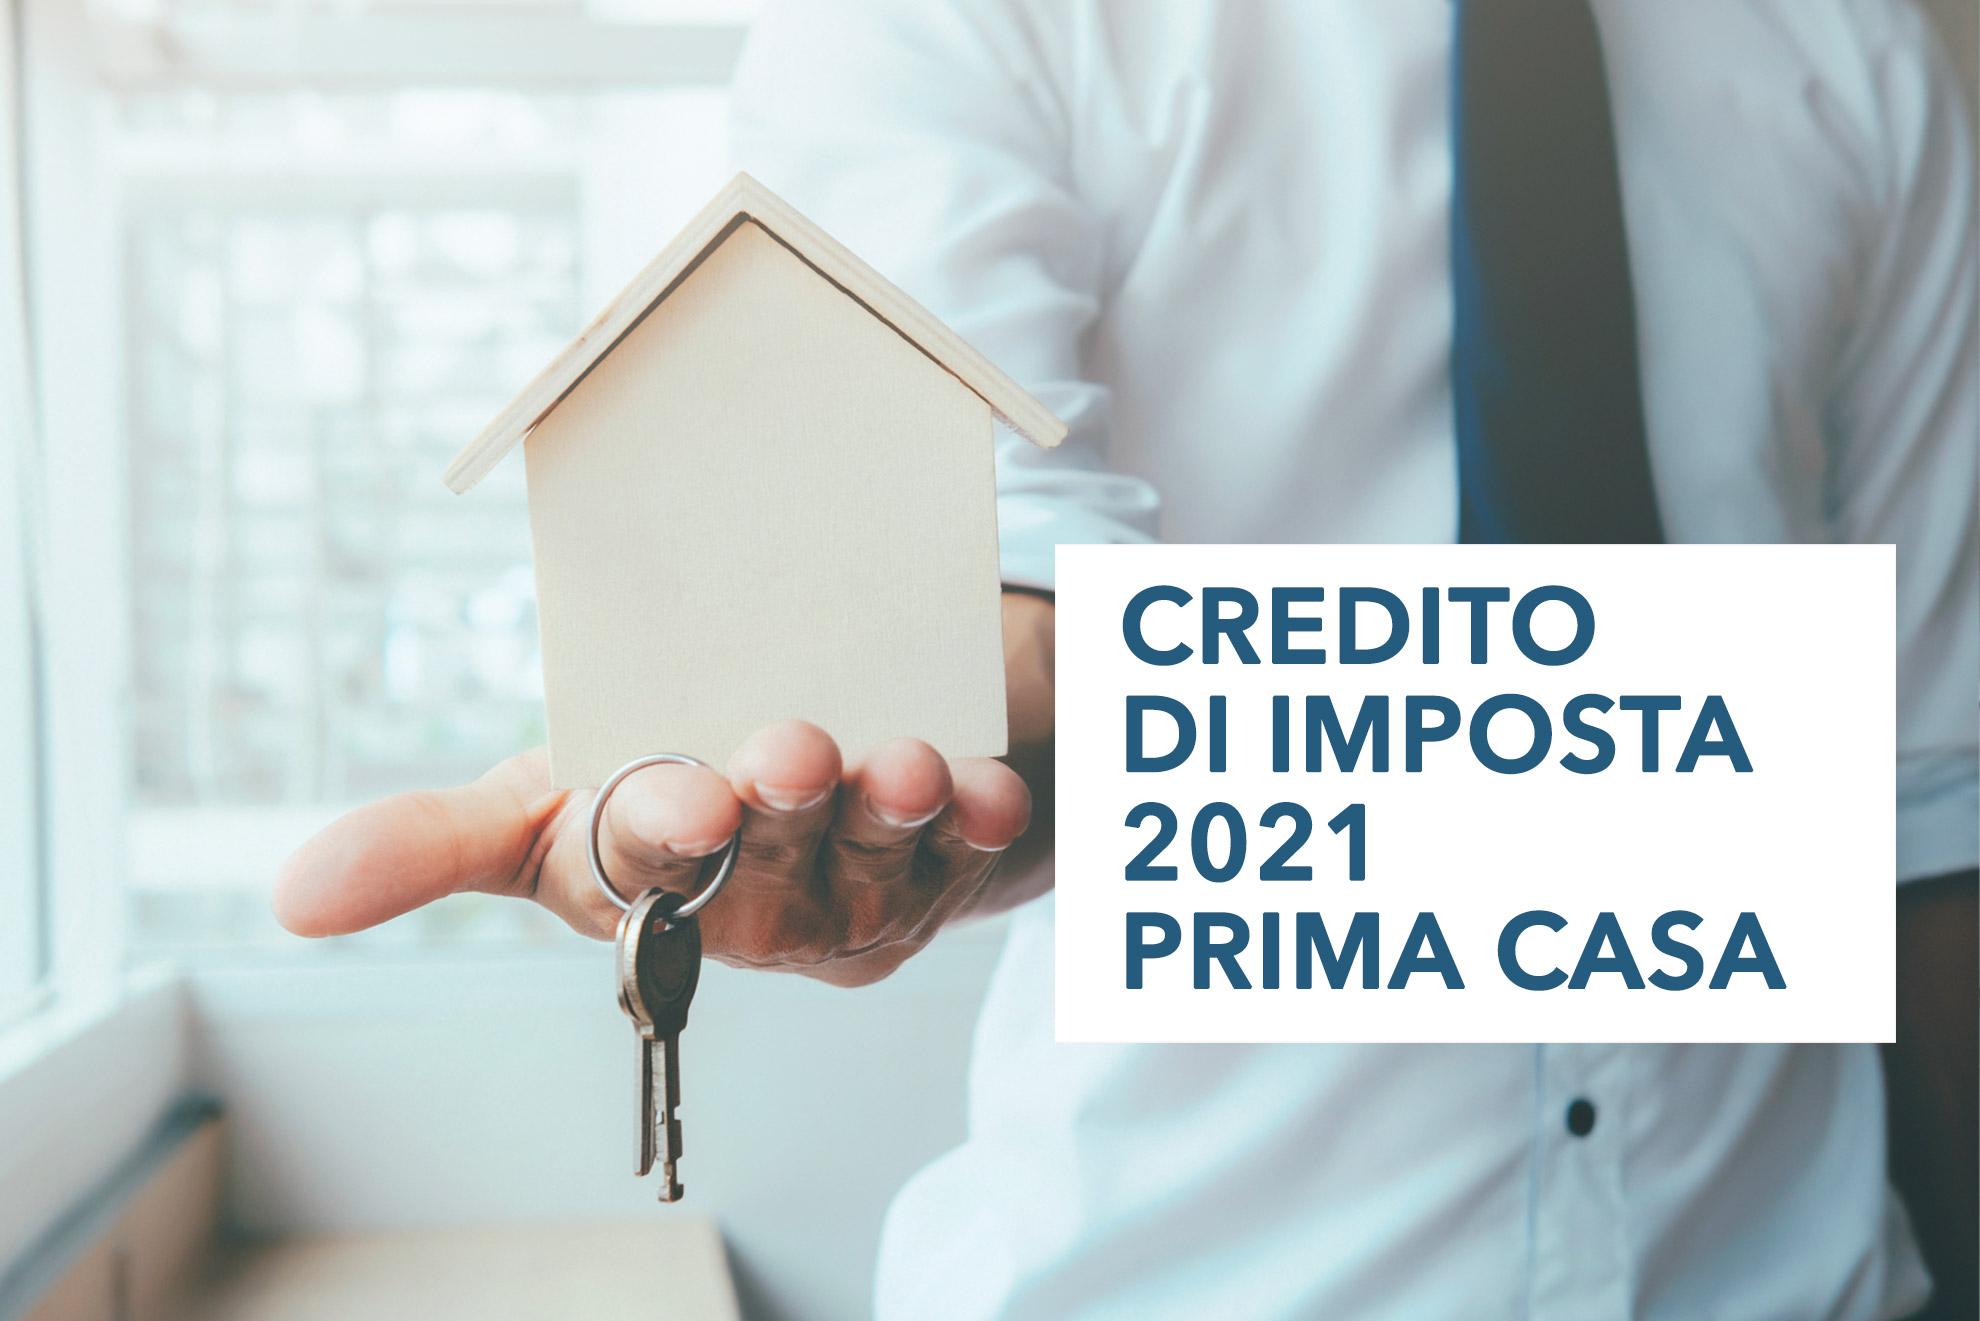 Credito di imposta 2021 prima casa